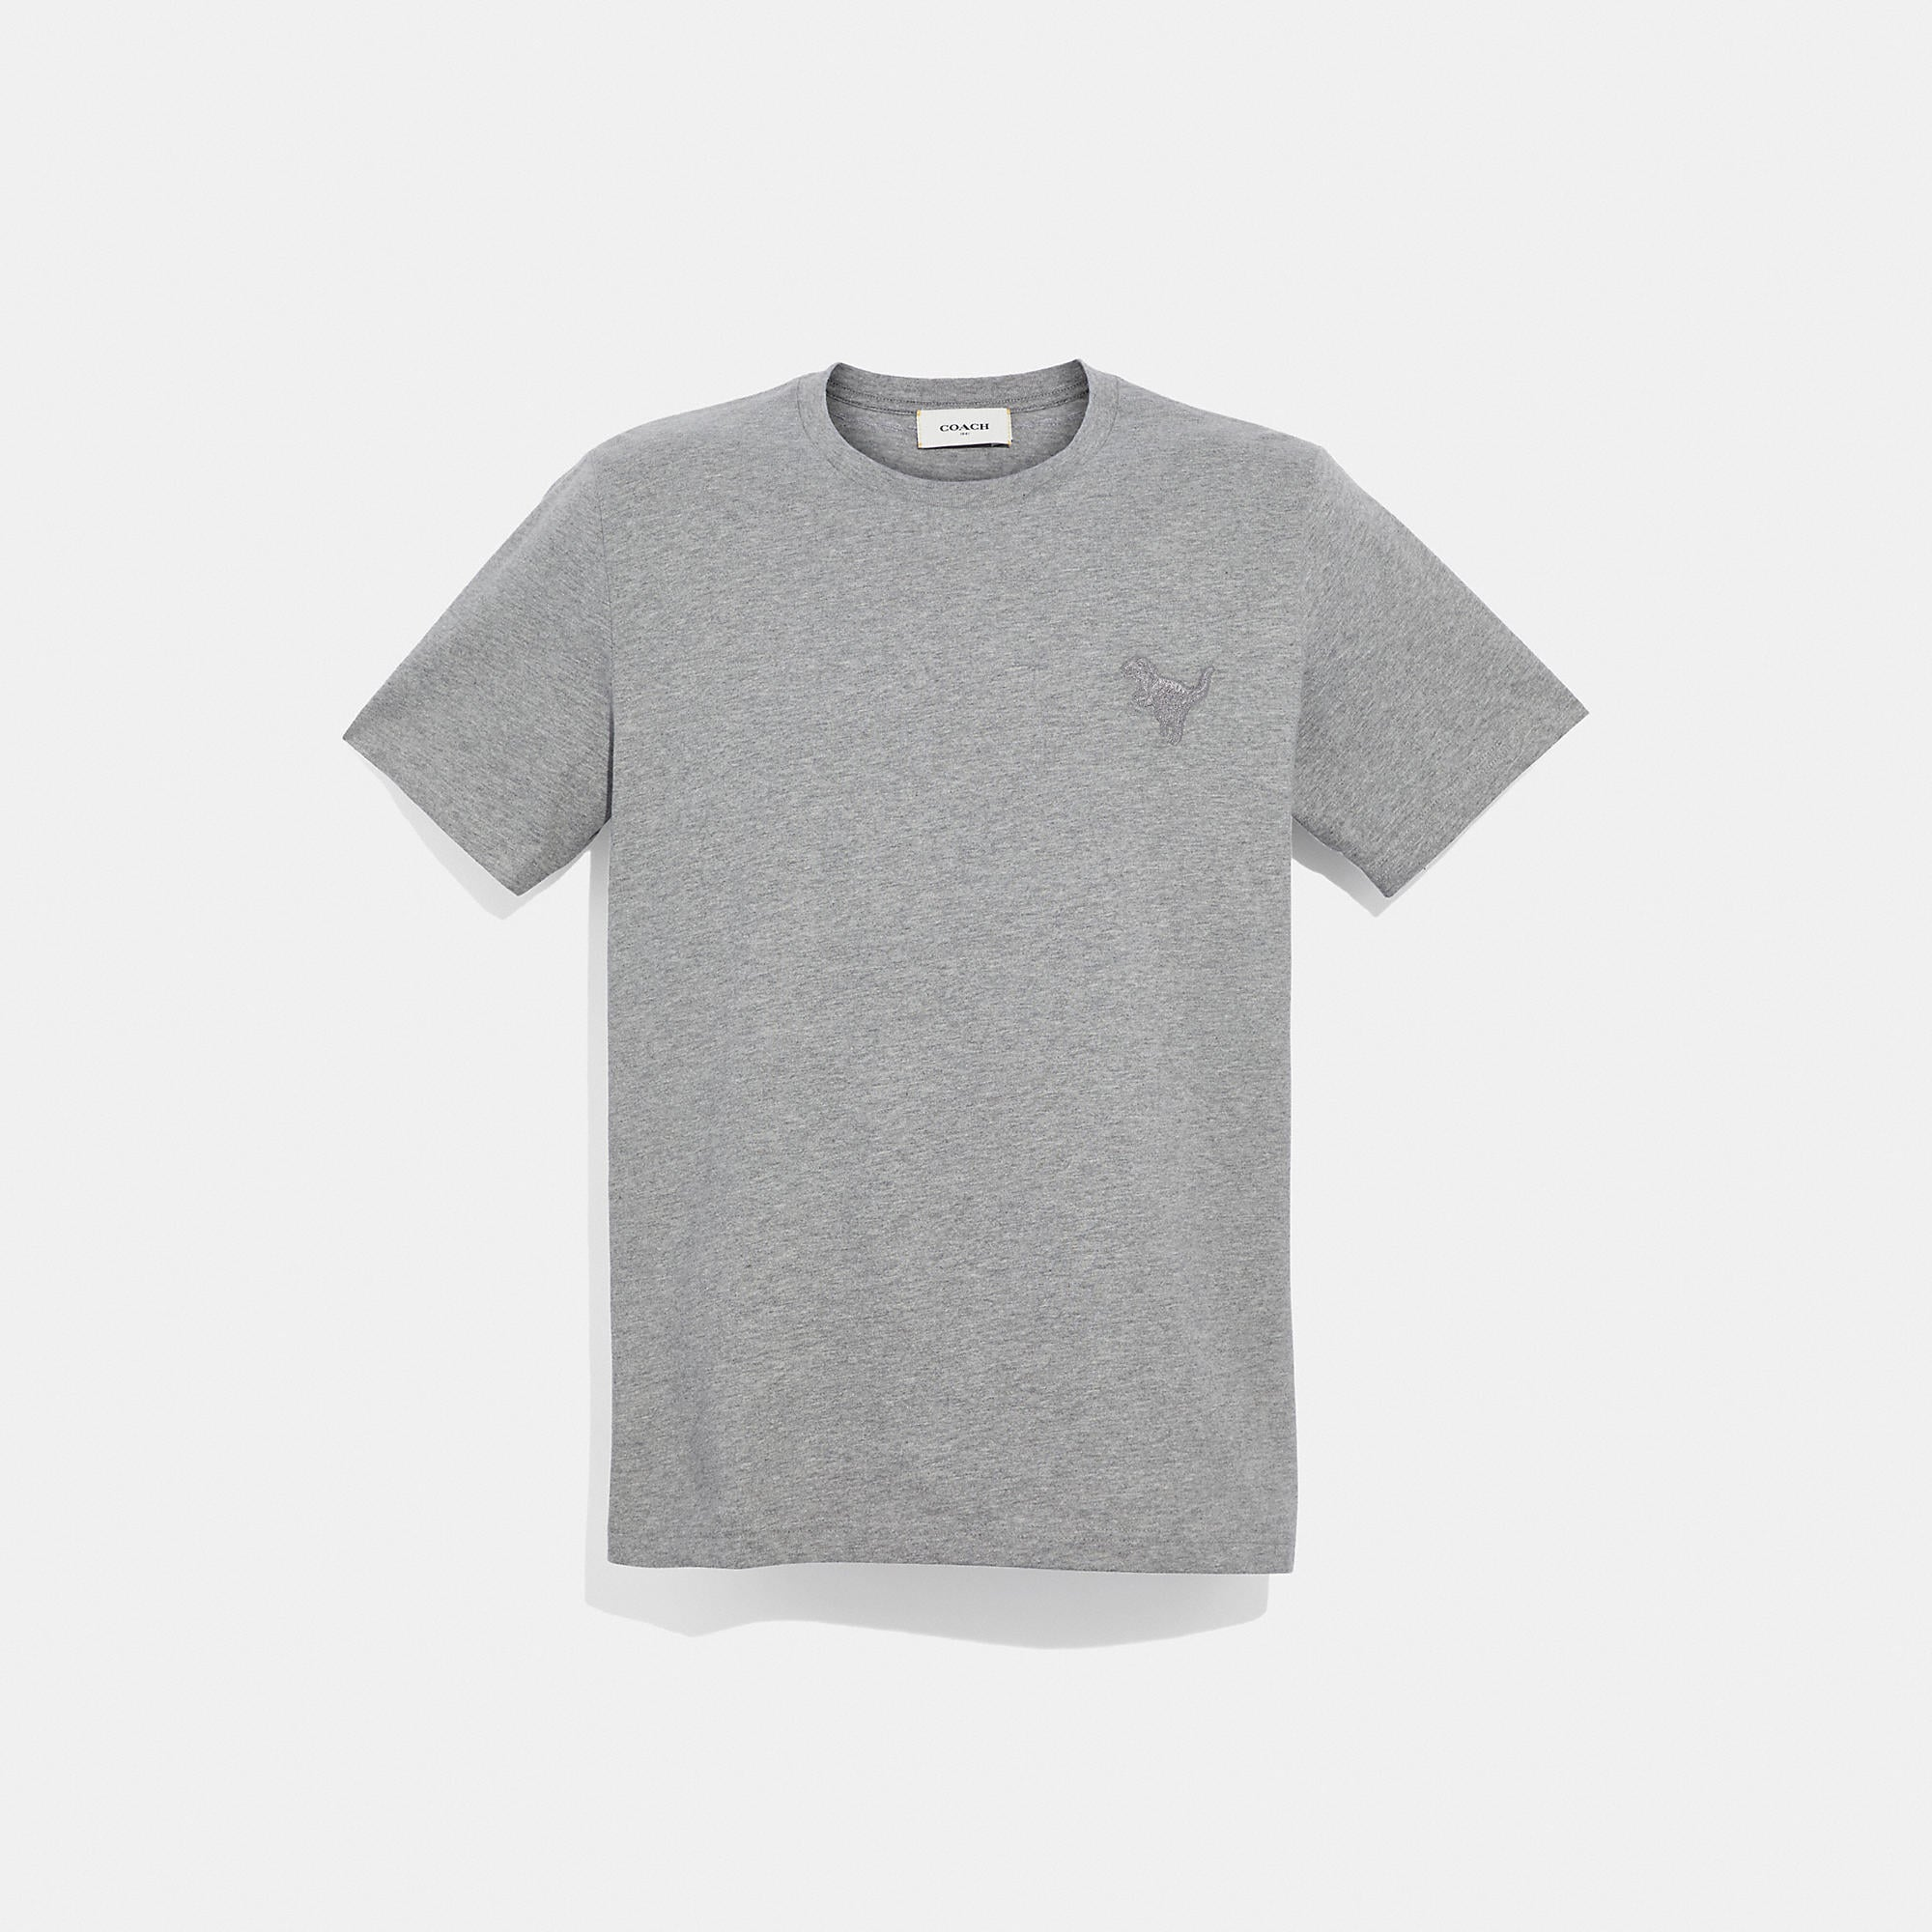 T Des Shirts Quelles Marques De Pour Qualité Homme CBxoerd